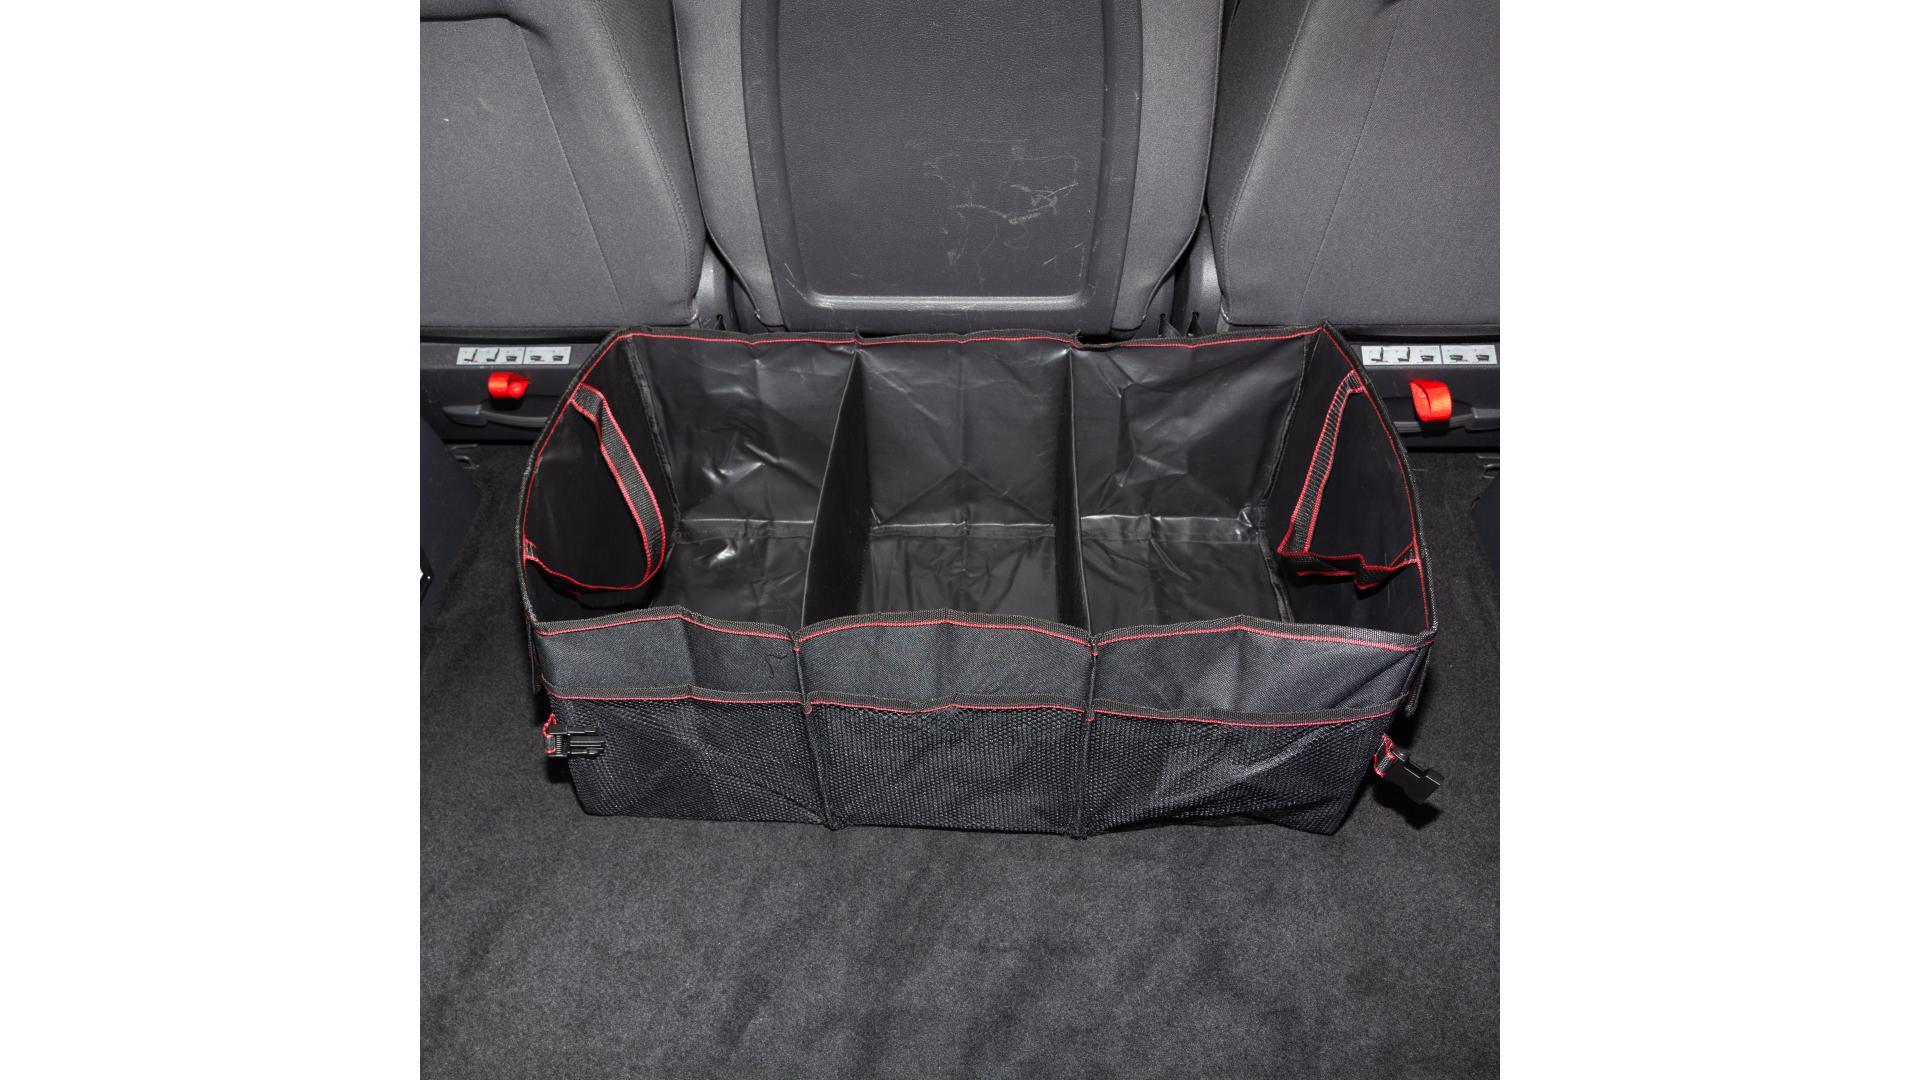 4CARS Organizér zavazadlového prostoru 64x40x25 cm